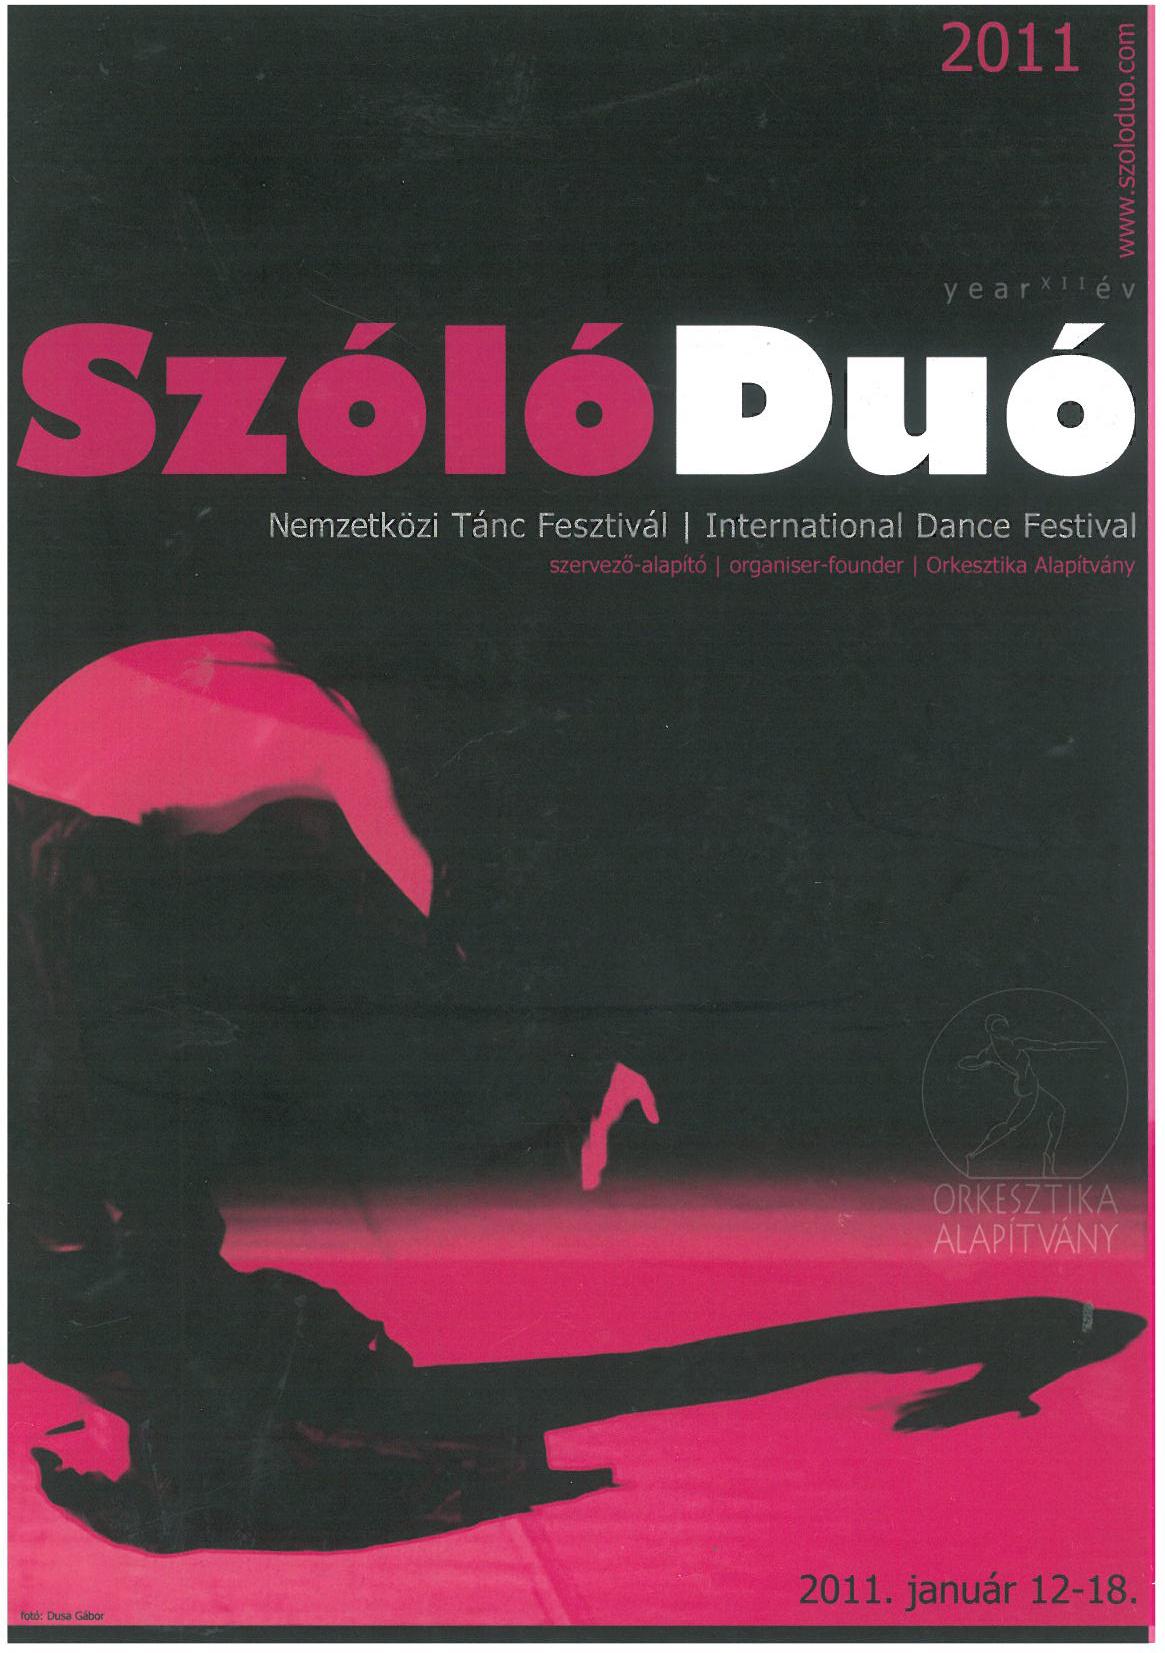 Szolo Duo 2011